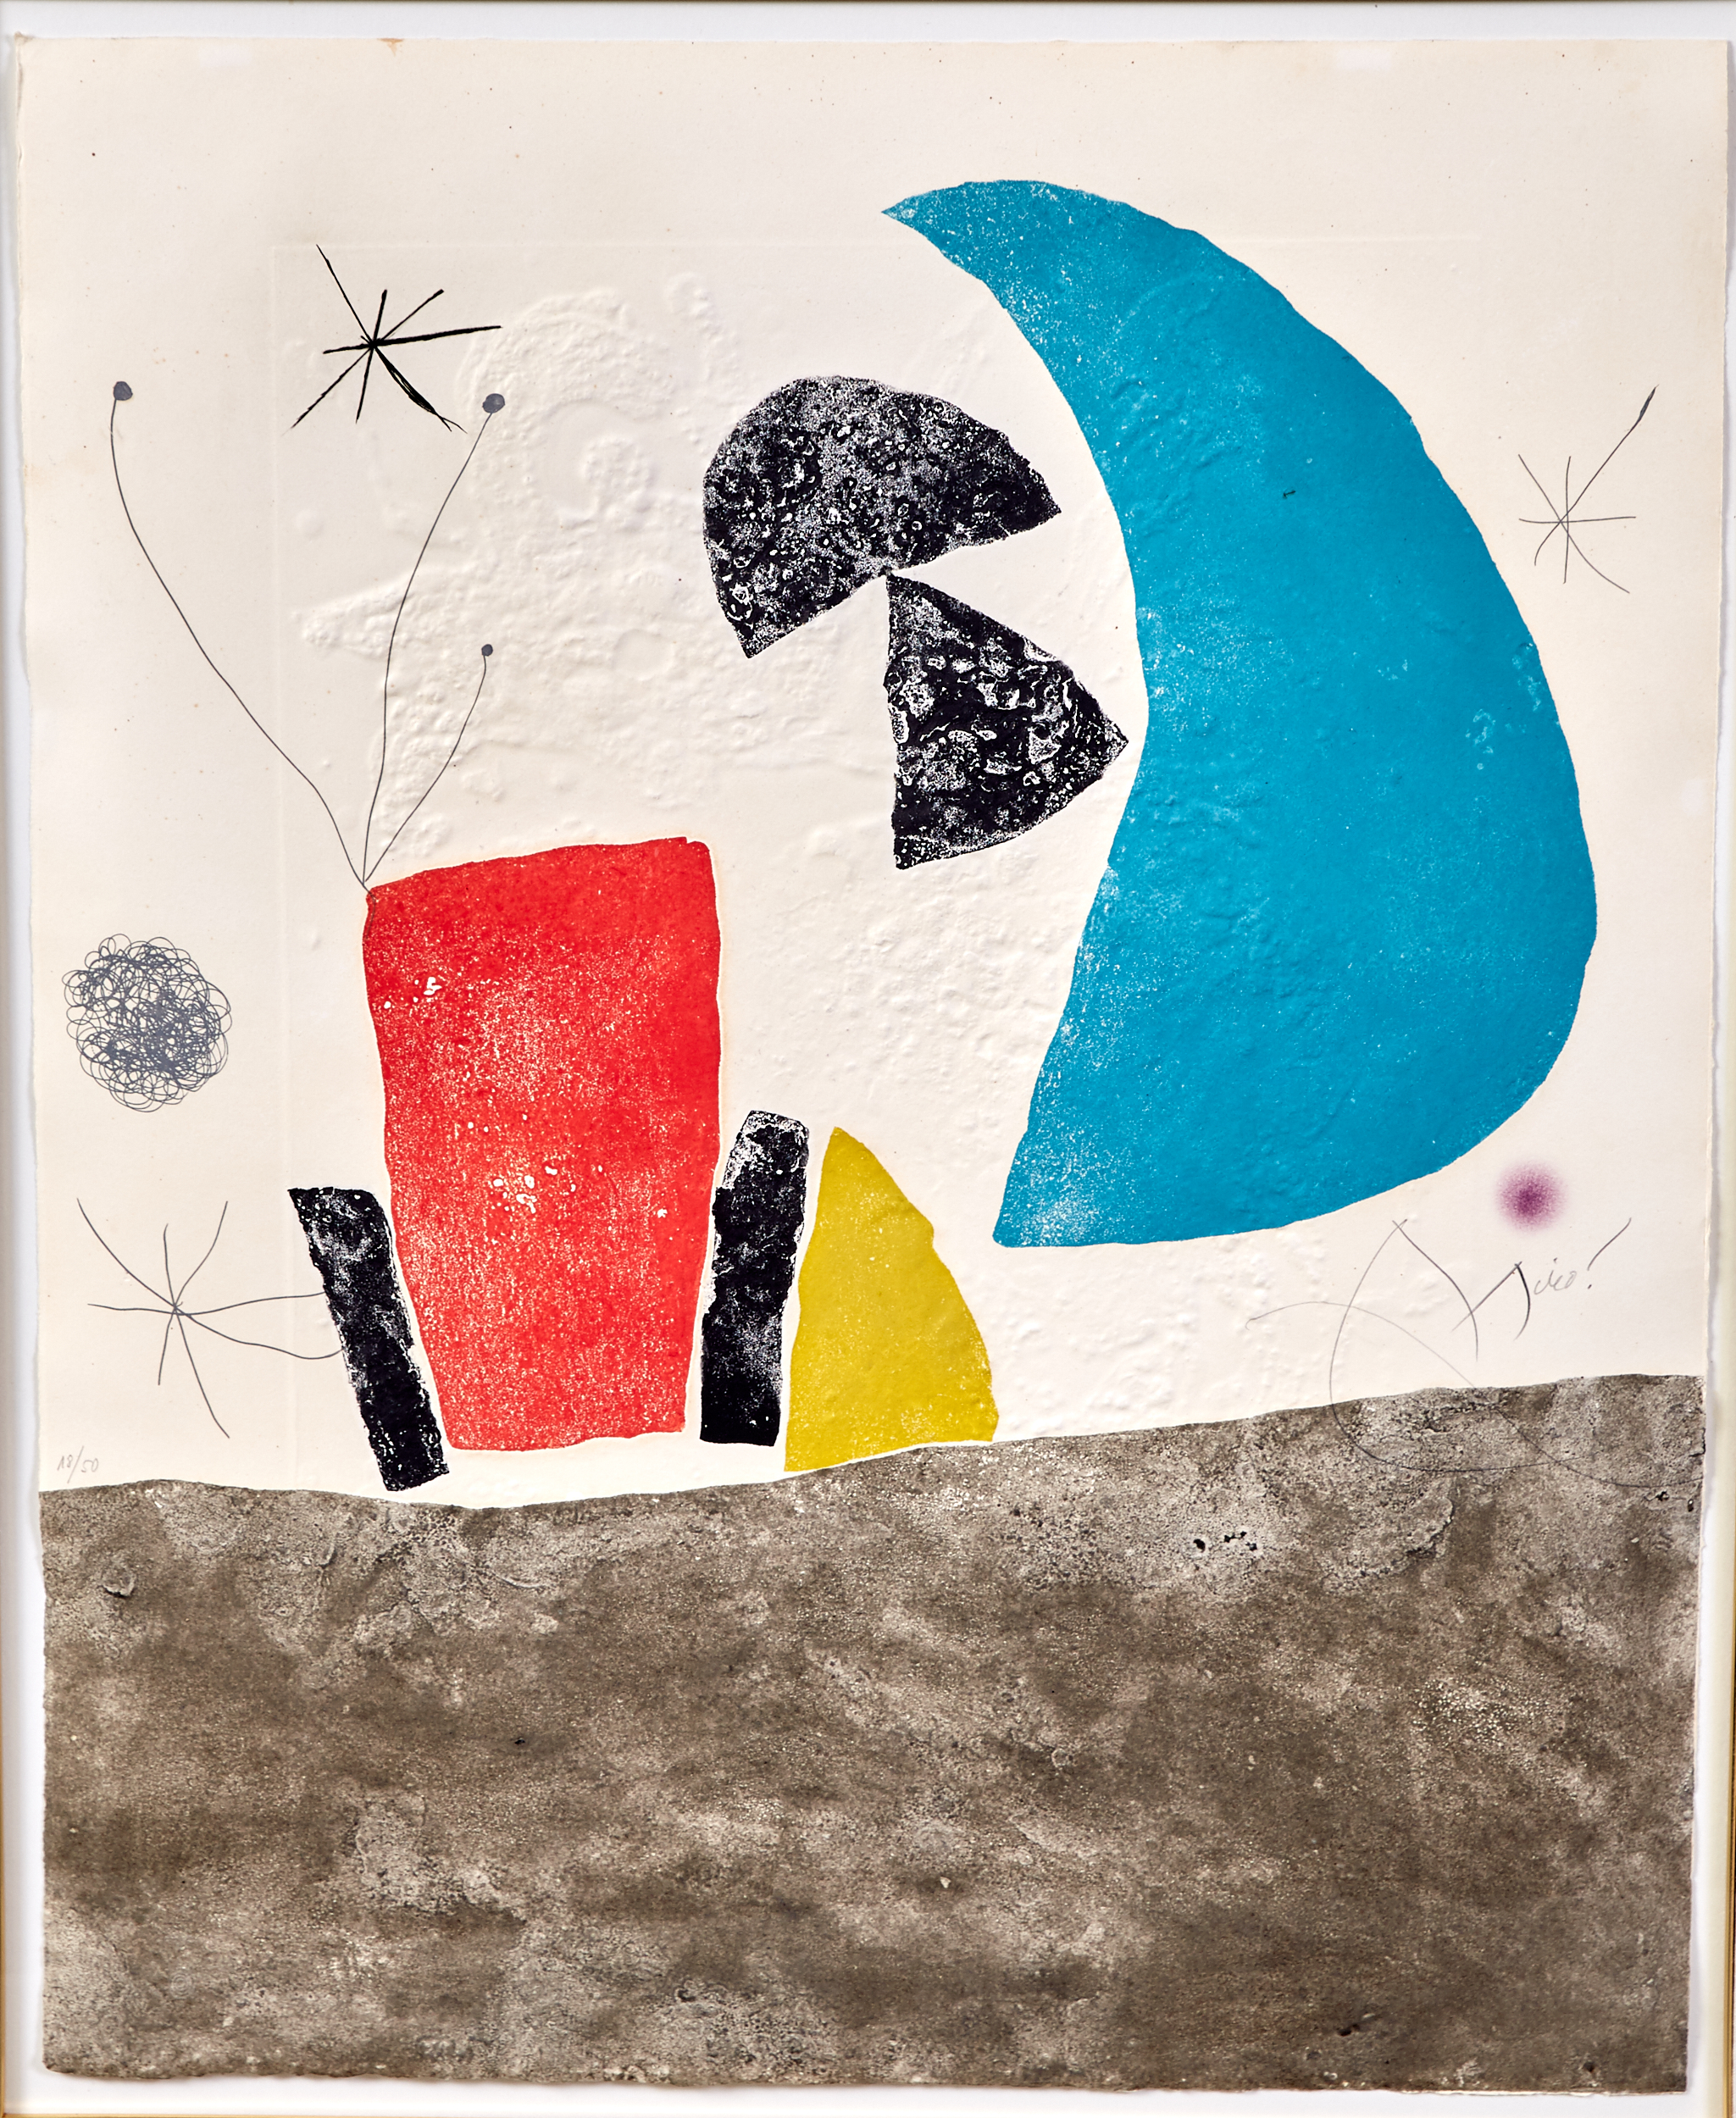 Lot 58 - Joan Miro Espriu Aquatint Etching on Paper D.876